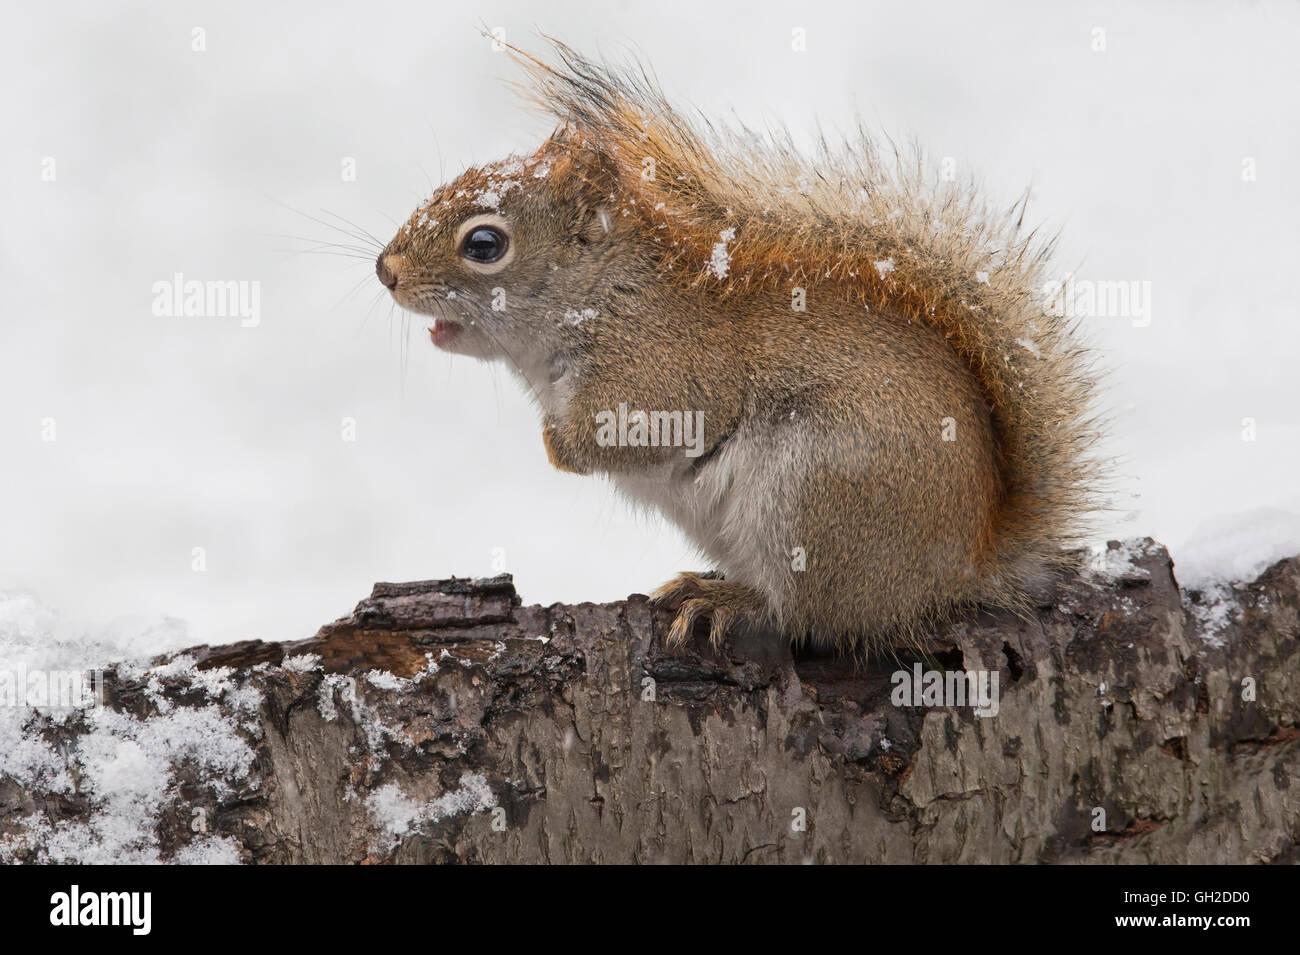 L'Est de l'Écureuil roux (Tamiasciurus la chasse à des fins alimentaires ou Sciurus hudsonicus), Photo Stock